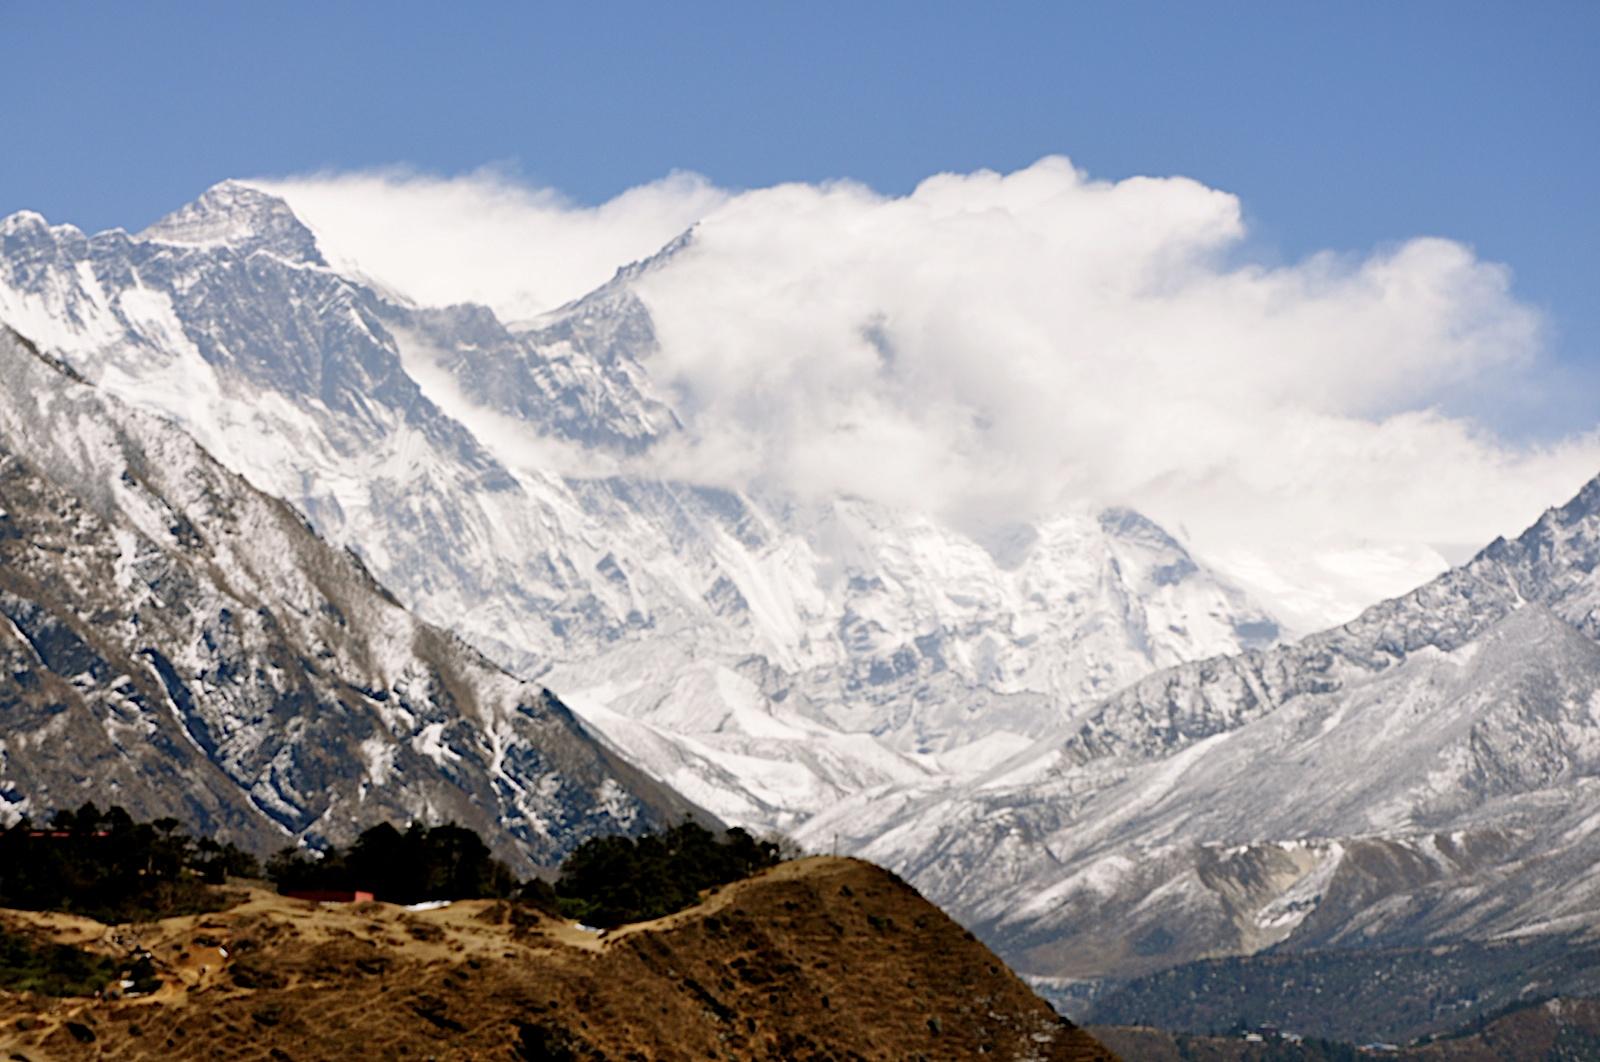 Everest 2014: A New Season Begins!